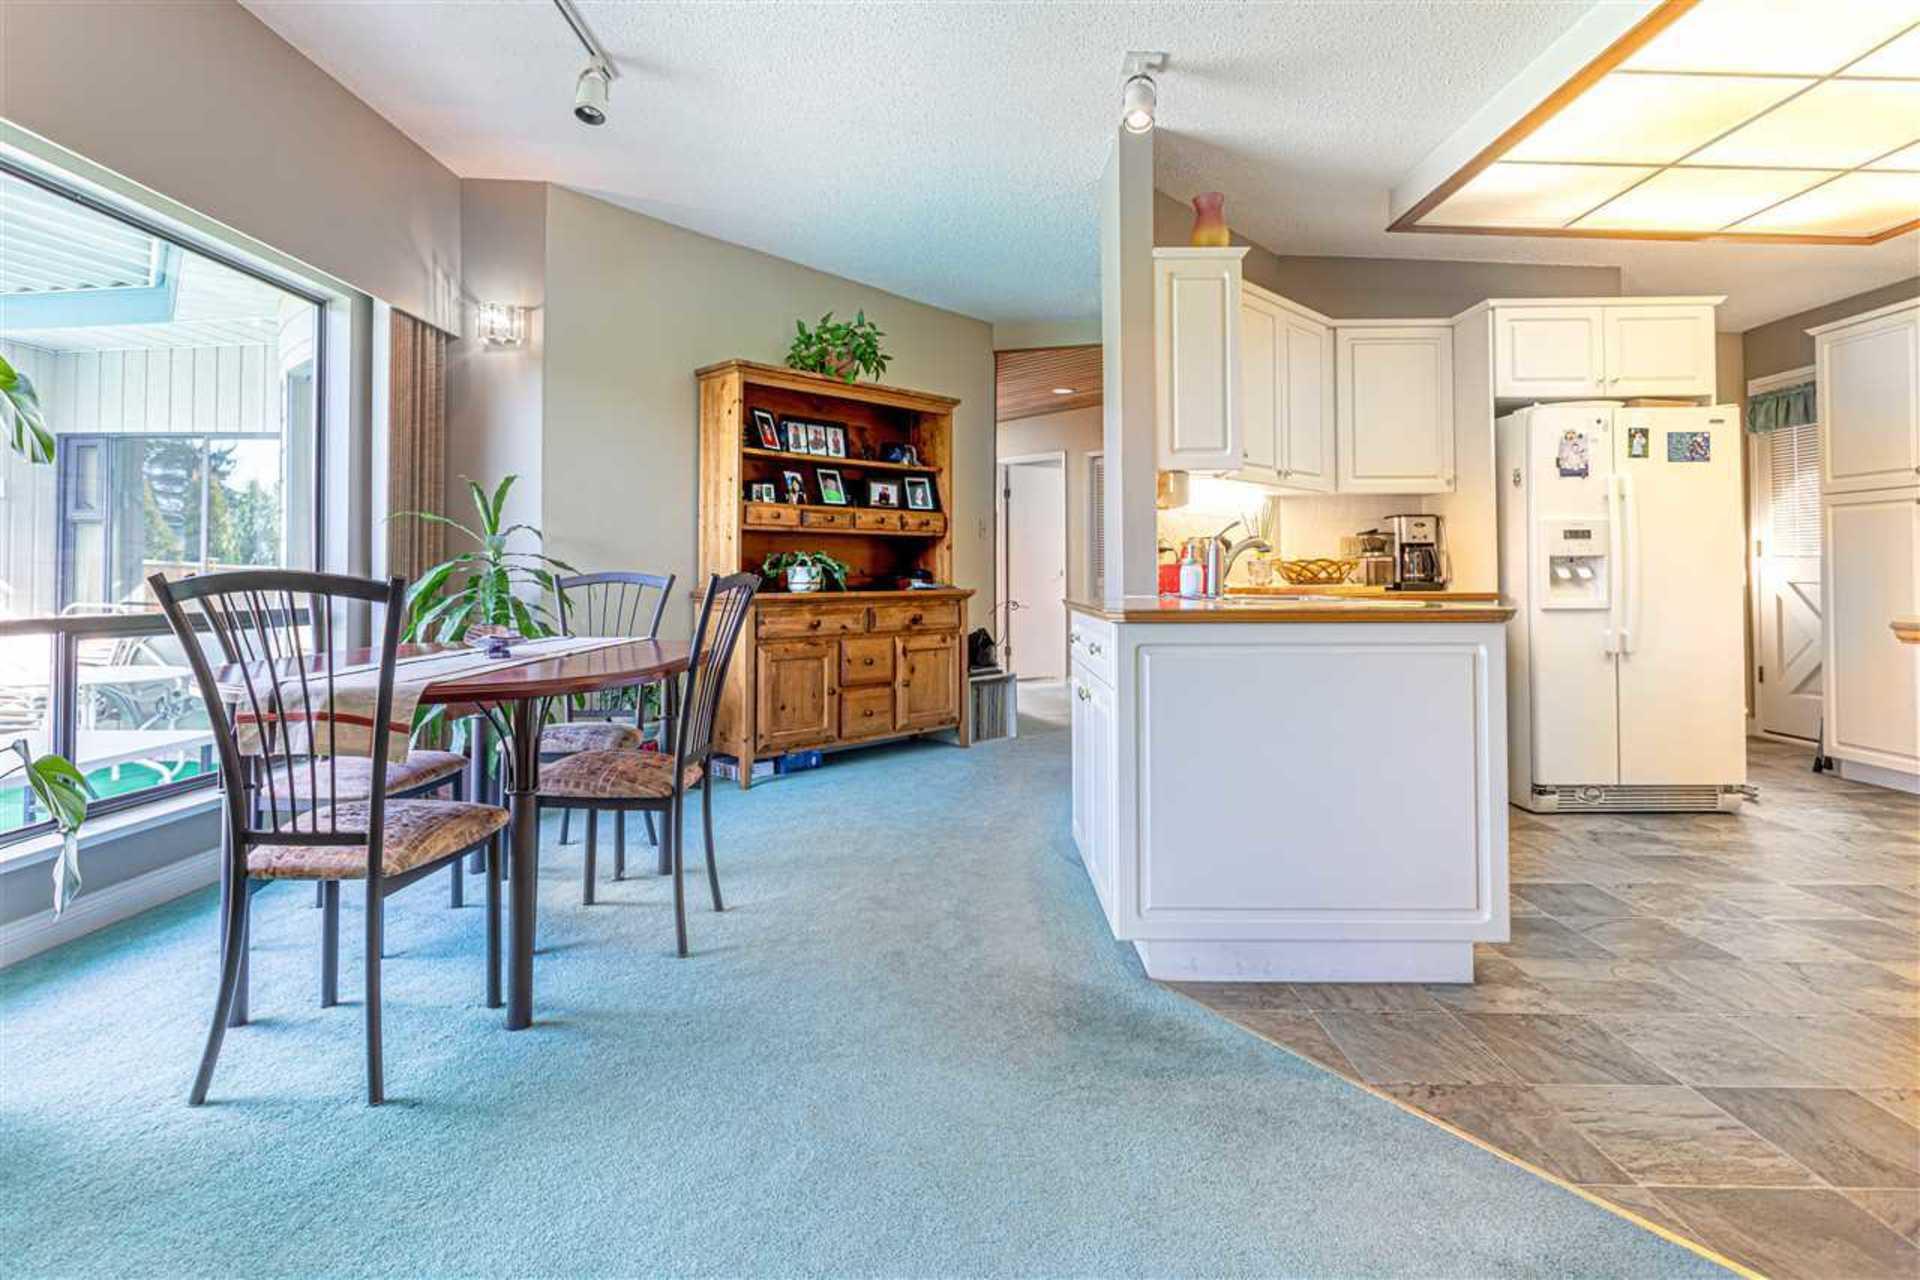 1200-cottonwood-avenue-central-coquitlam-coquitlam-07 at 1200 Cottonwood Avenue, Central Coquitlam, Coquitlam